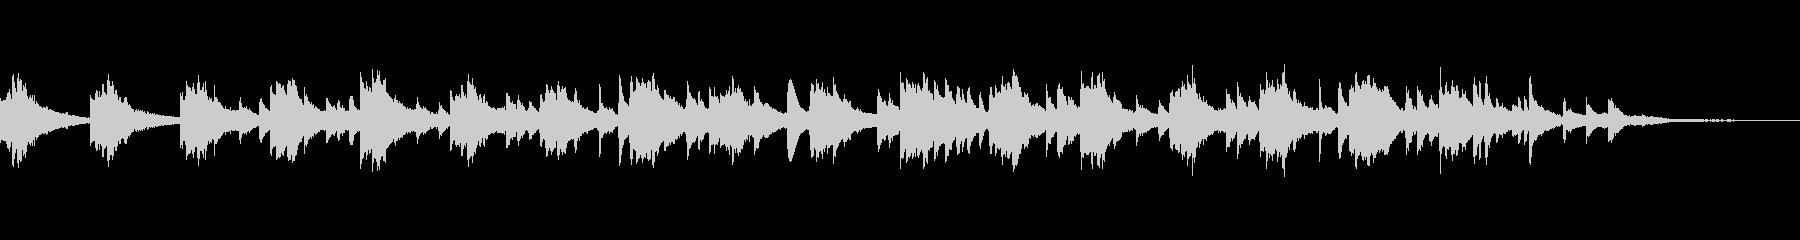 日常のシーンに使えるピアノ曲の未再生の波形